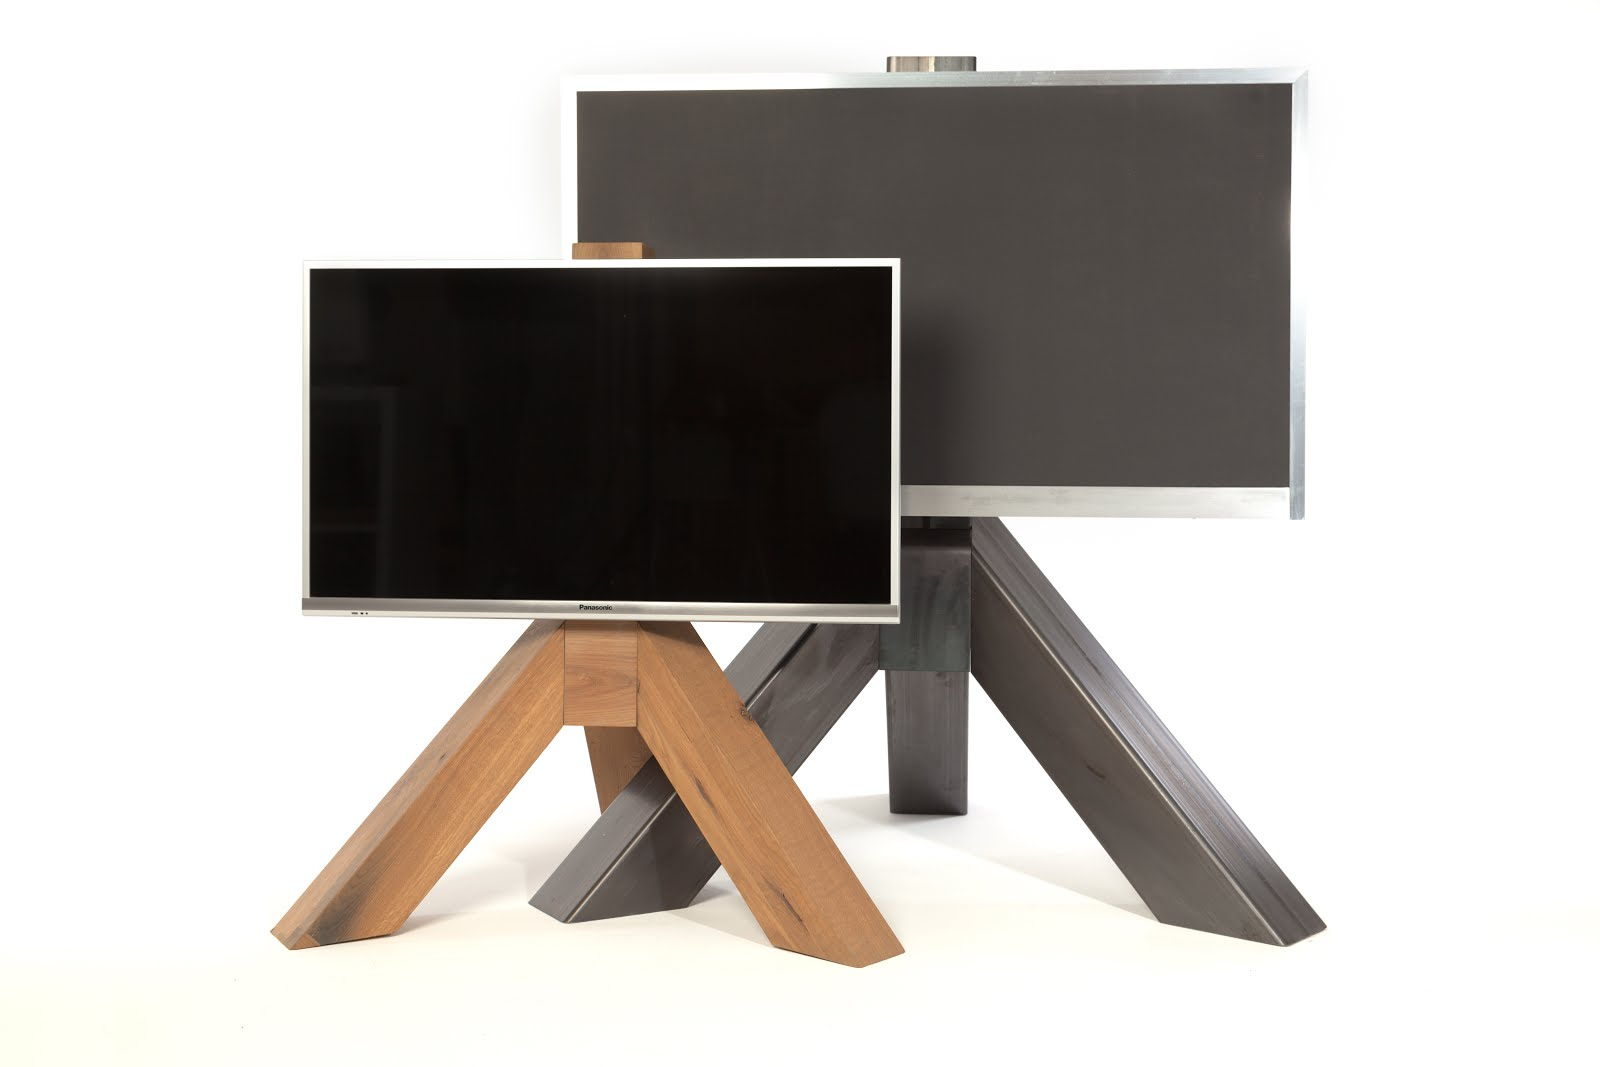 ...van de maker van al die prachtige laddertjes: bArb your TV! Plaats je TV op een voetstuk.